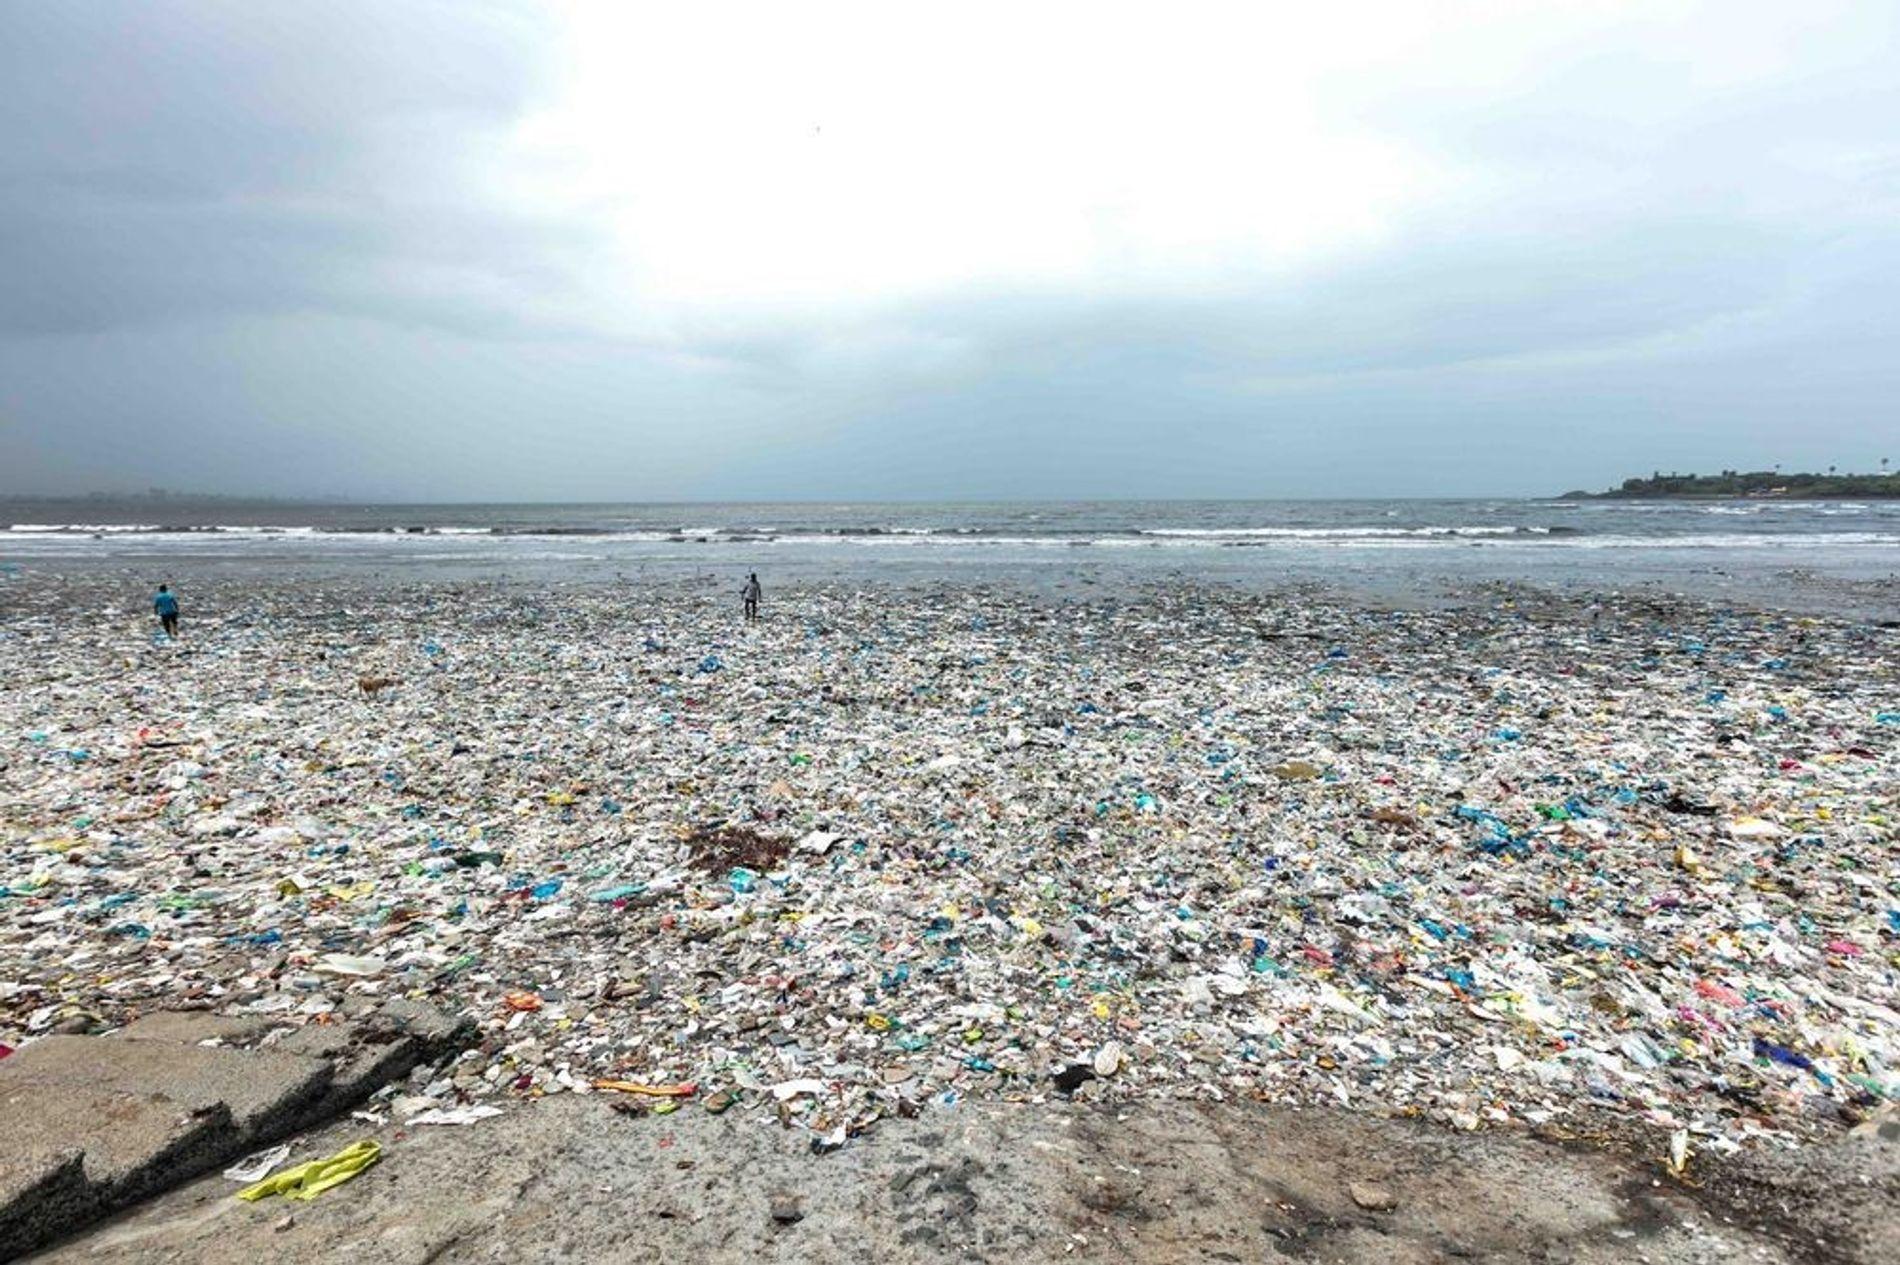 Una playa cubierta de basura, la mayor parte de ella plástica, que ha sido vertida en el mar y que la marea ha arrastrado hasta la orilla. En algunos lugares, la basura llega hasta la altura de los tobillos y verla me hizo preguntarme si vamos a aprender alguna vez que esta cantidad de contaminación solo va a acelerar el daño que los humanos provocamos a nuestro planeta.